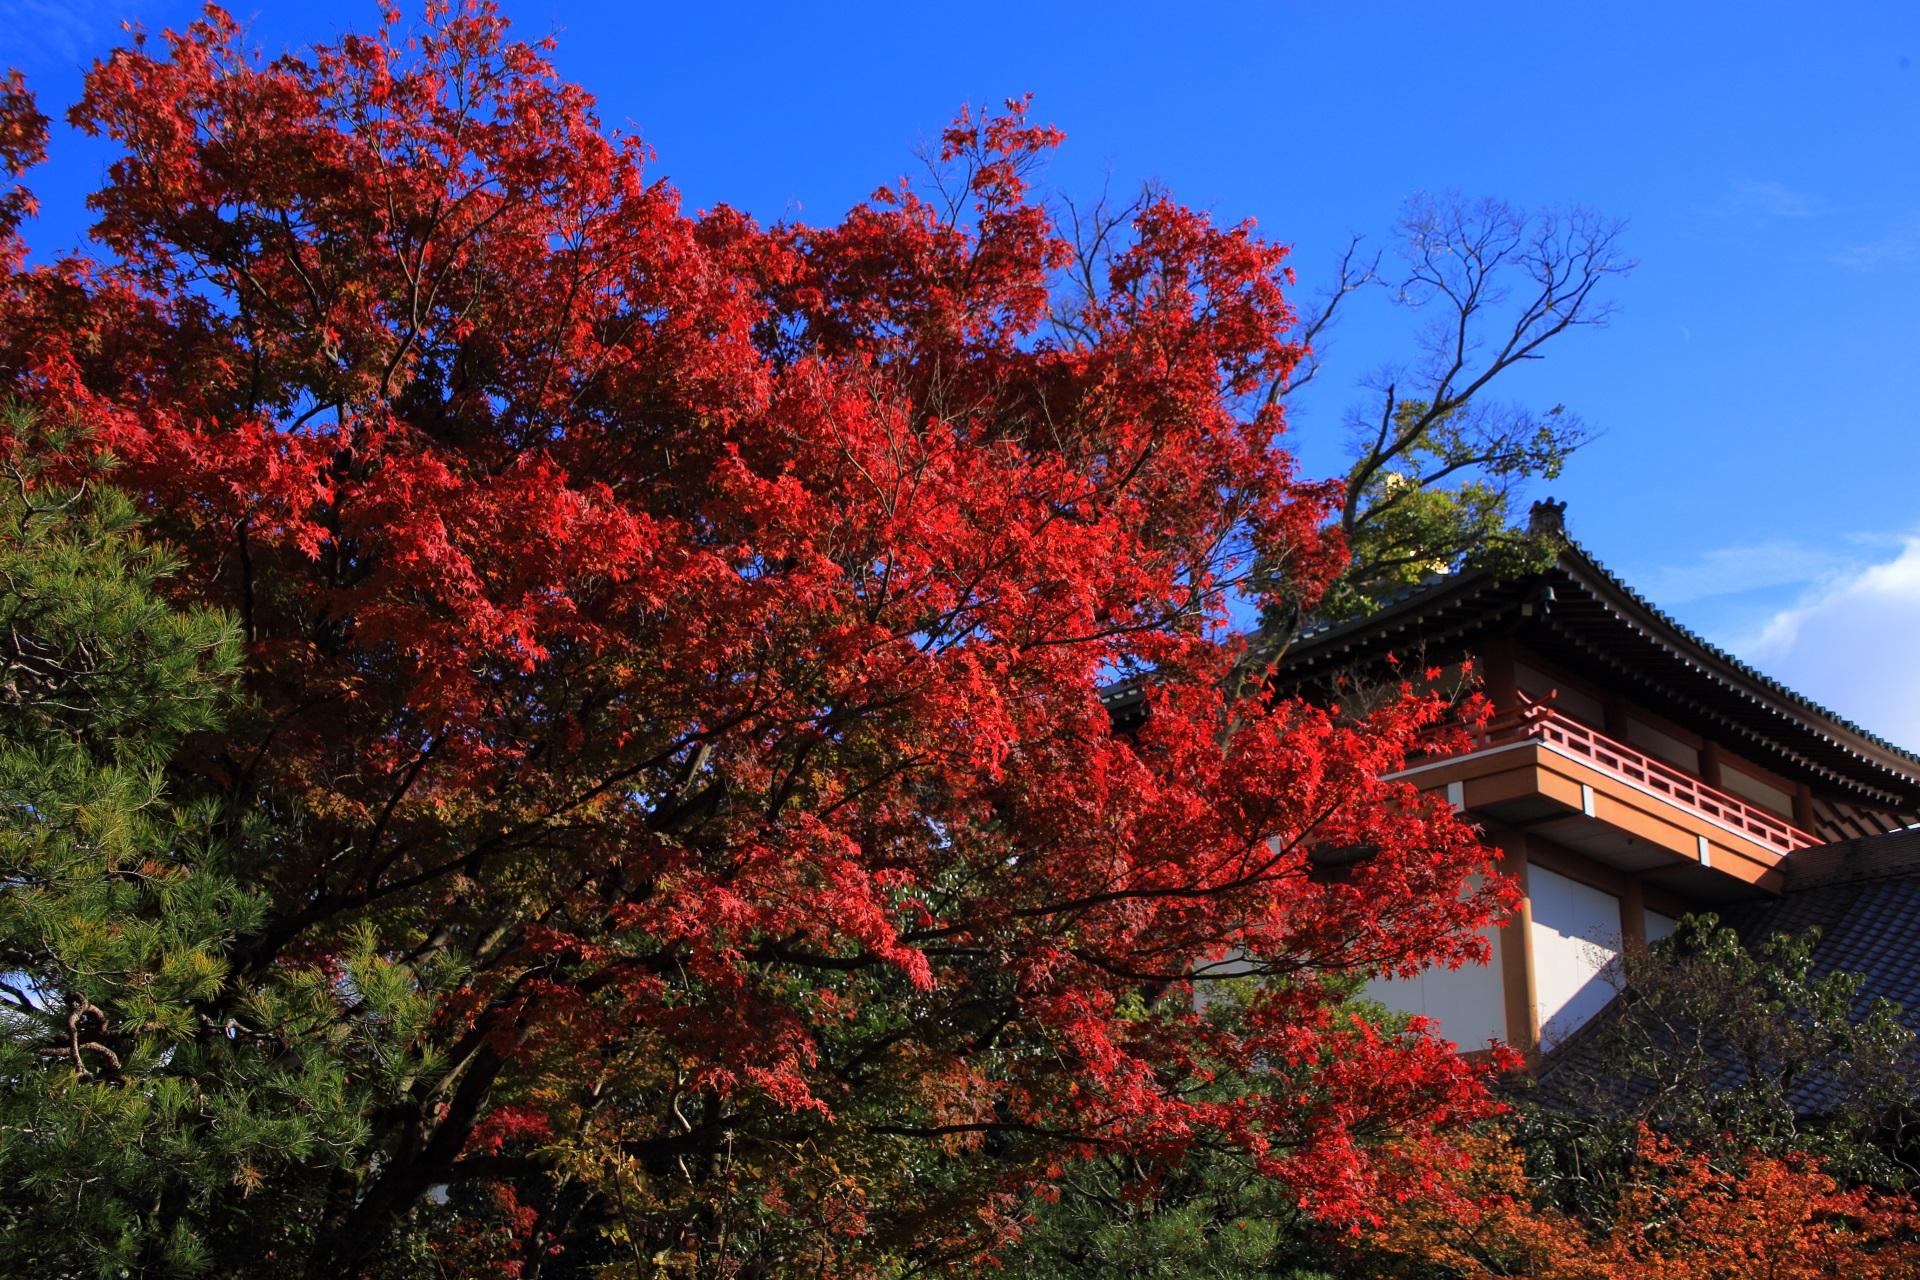 青空と本法寺の宝物館を彩る鮮烈な赤さの紅葉